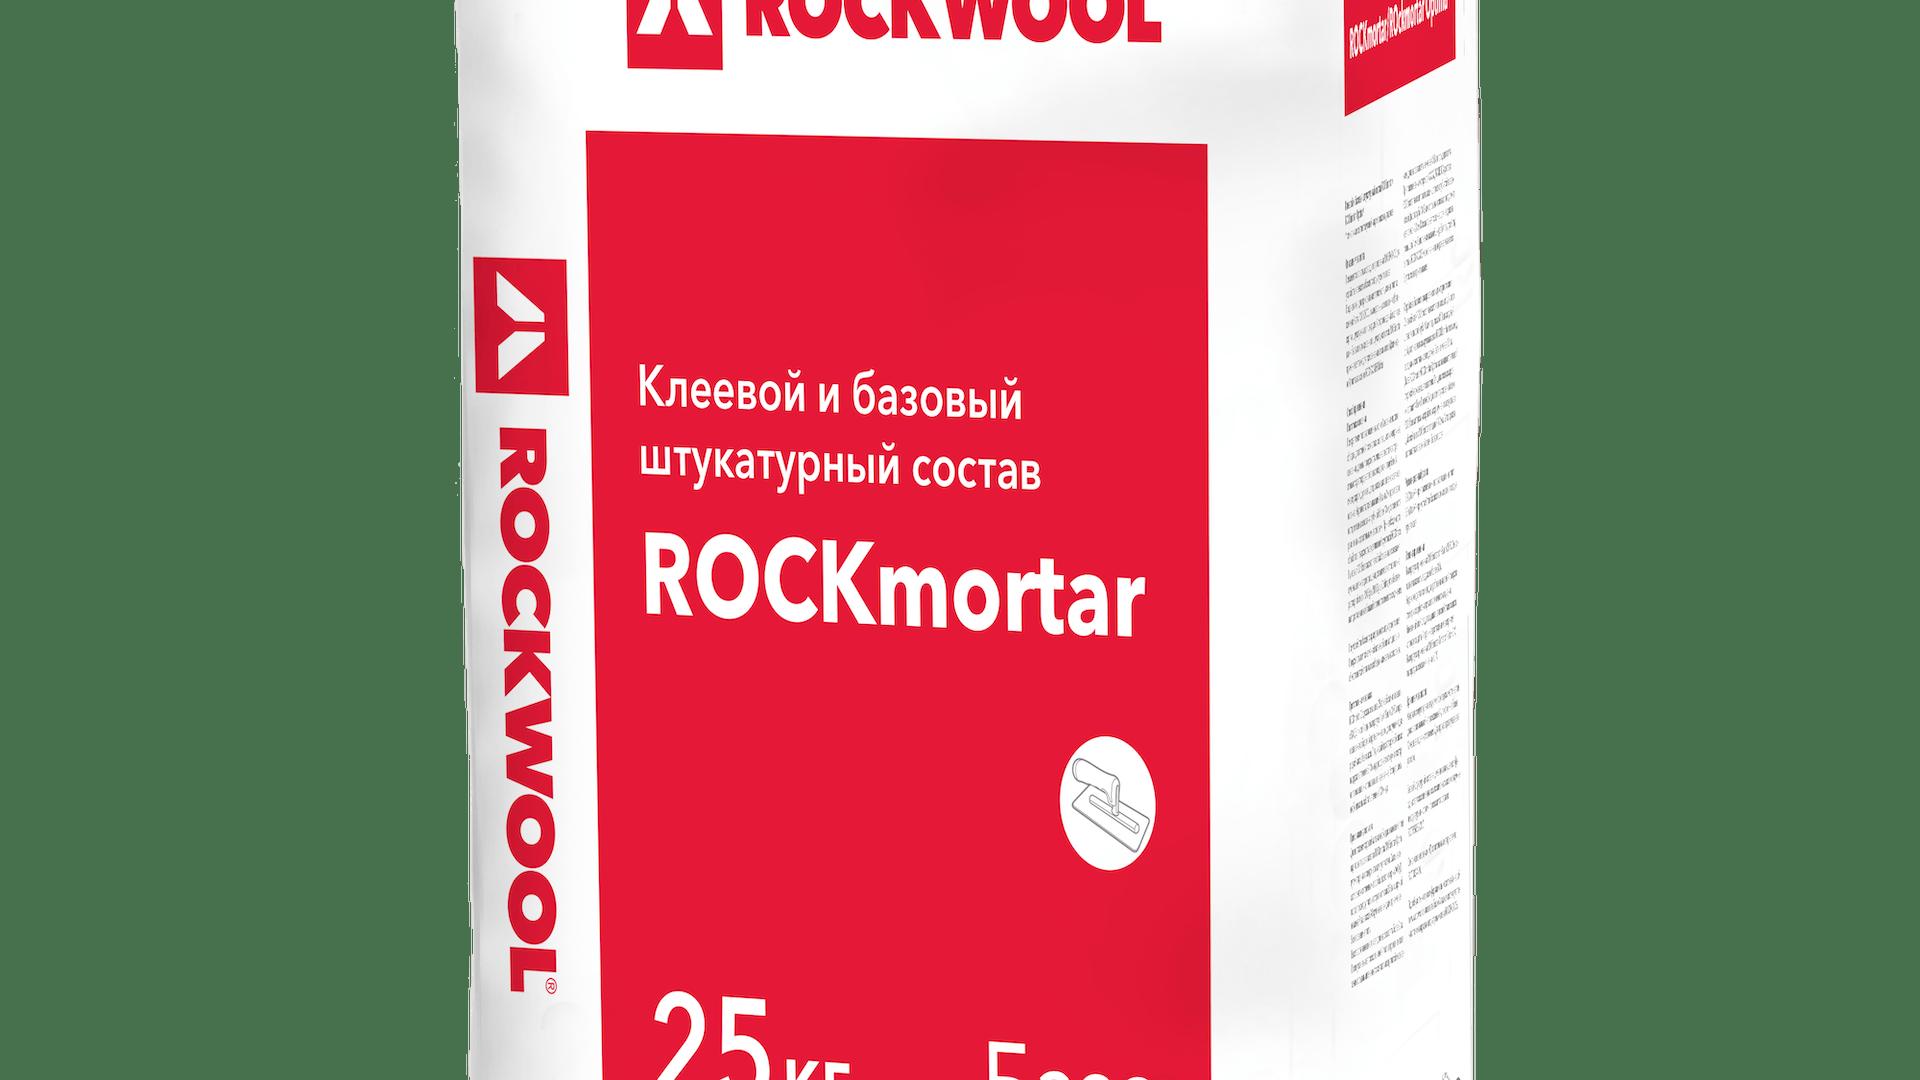 ROCKmortar, rockprimer, facades, etics, accessory